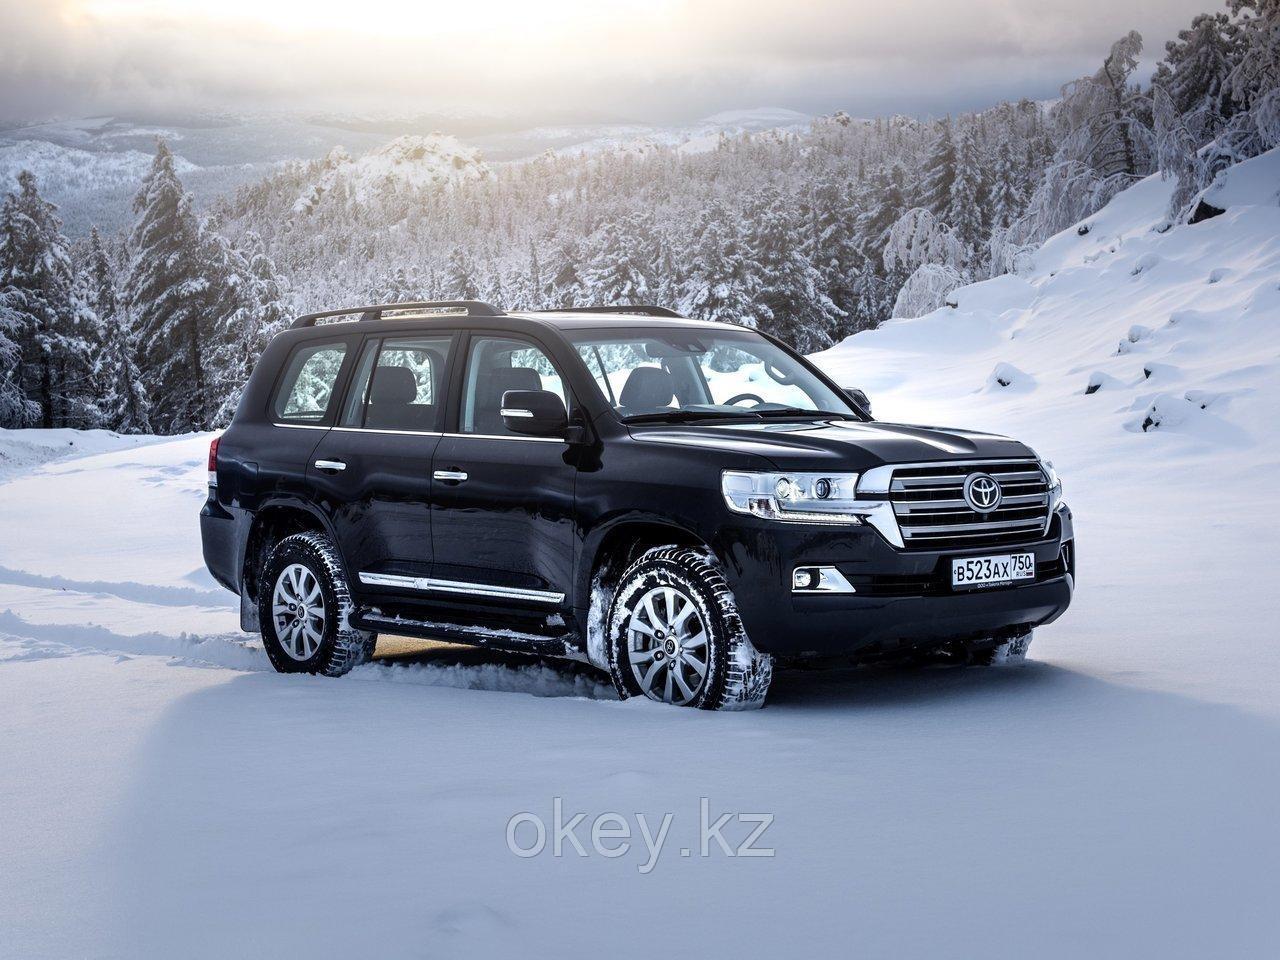 Тормозные колодки Kötl 3524KT для Toyota Land Cruiser 200 (VDJ20_, UZJ20_) 4.6 V8 (_URJ202W_), 2012-2020 года